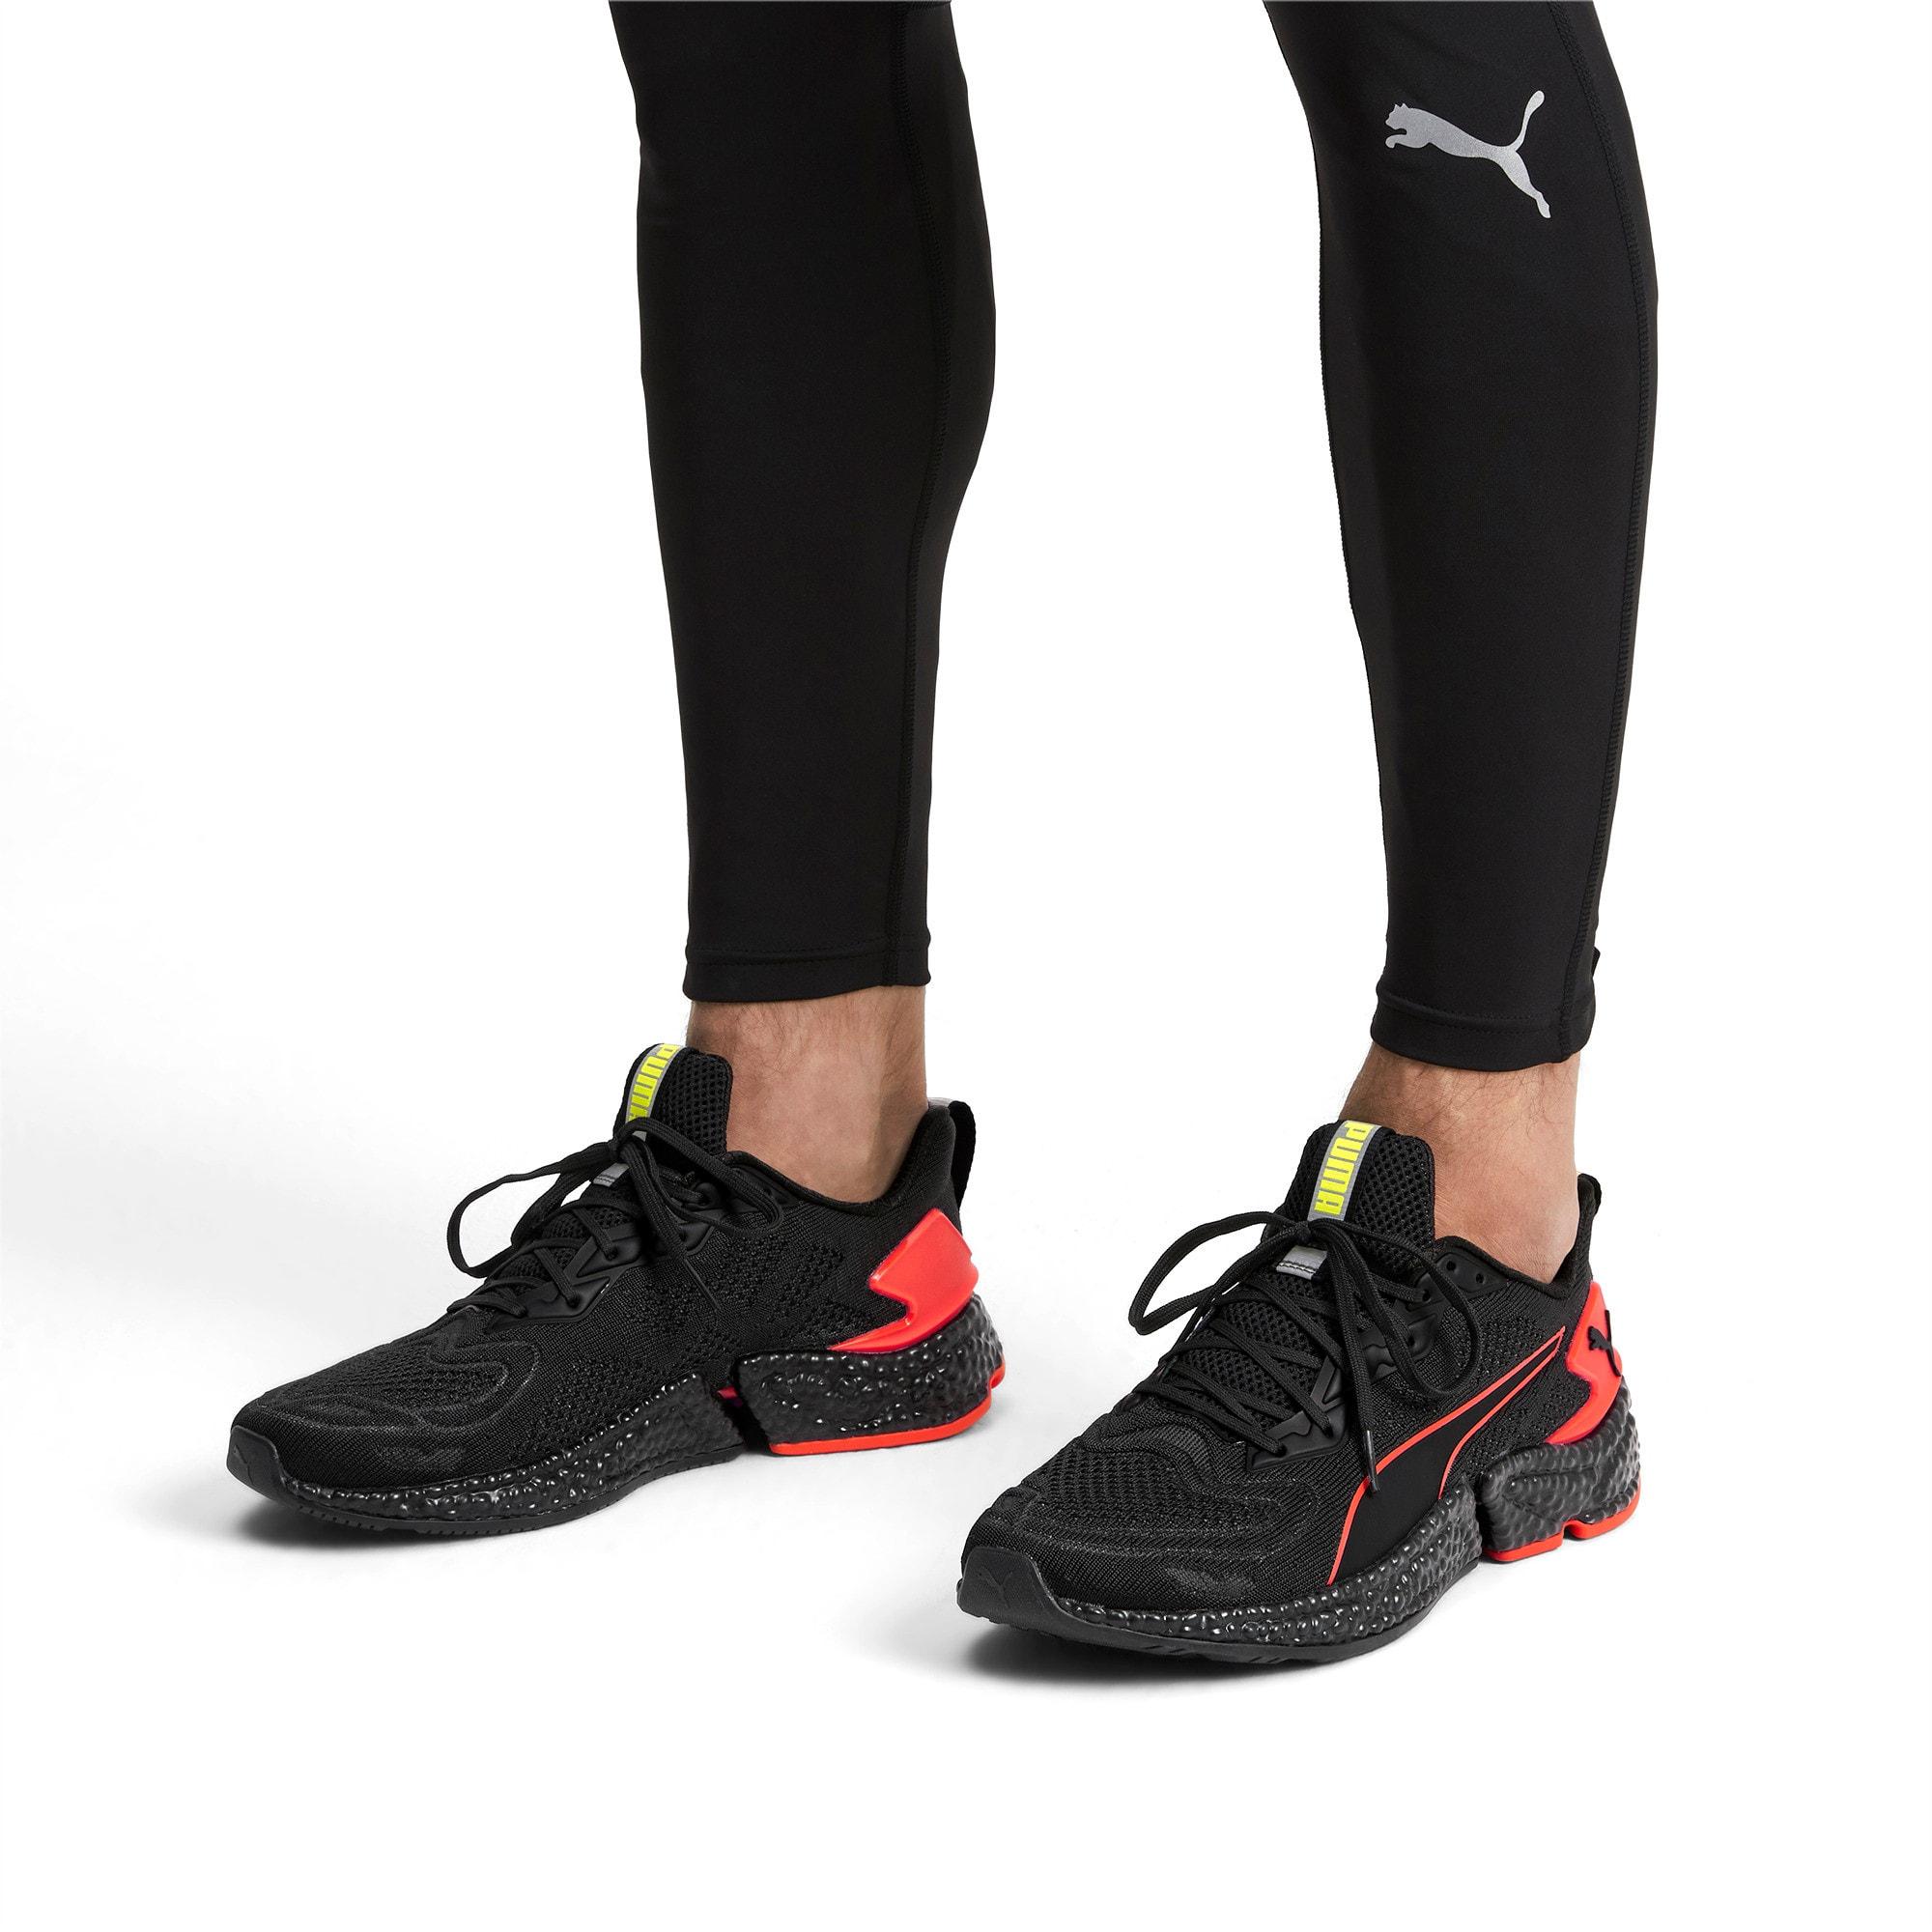 Thumbnail 2 of HYBRID SPEED Orbiter Men's Running Shoes, Black-Nrgy Red-Yellow, medium